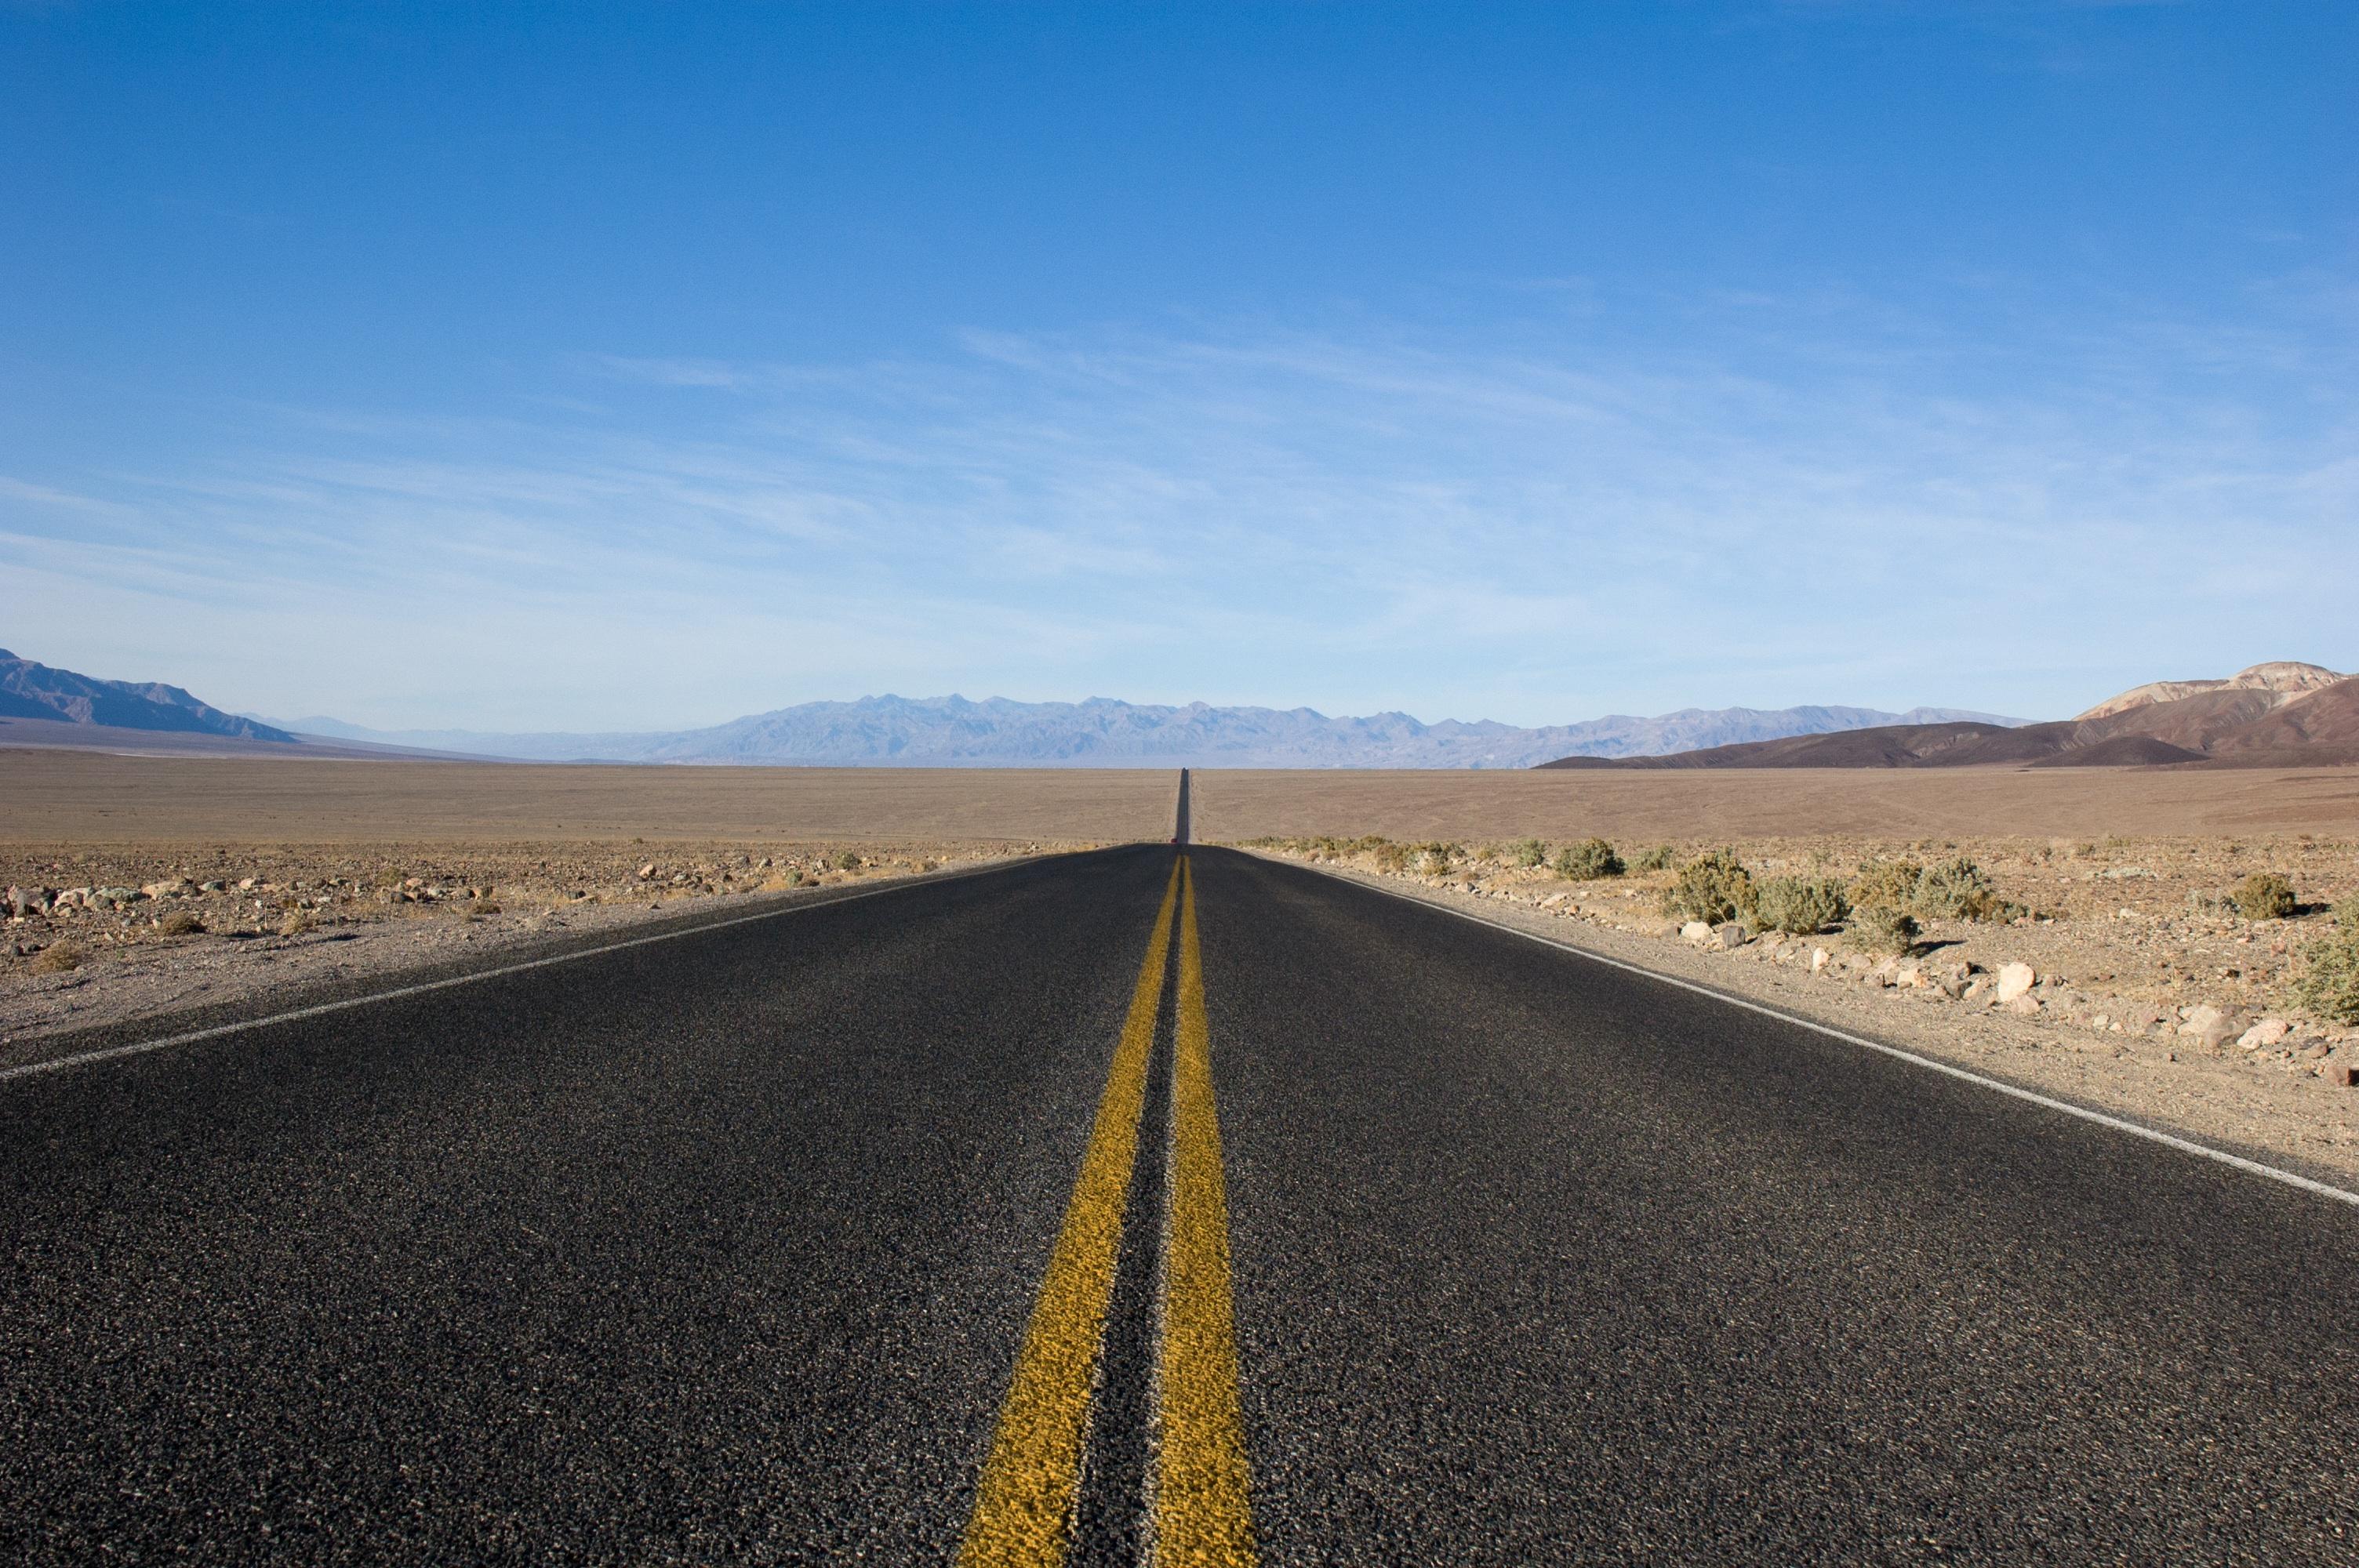 Free Photo Long Road Empty Landscape Long Free Download Jooinn